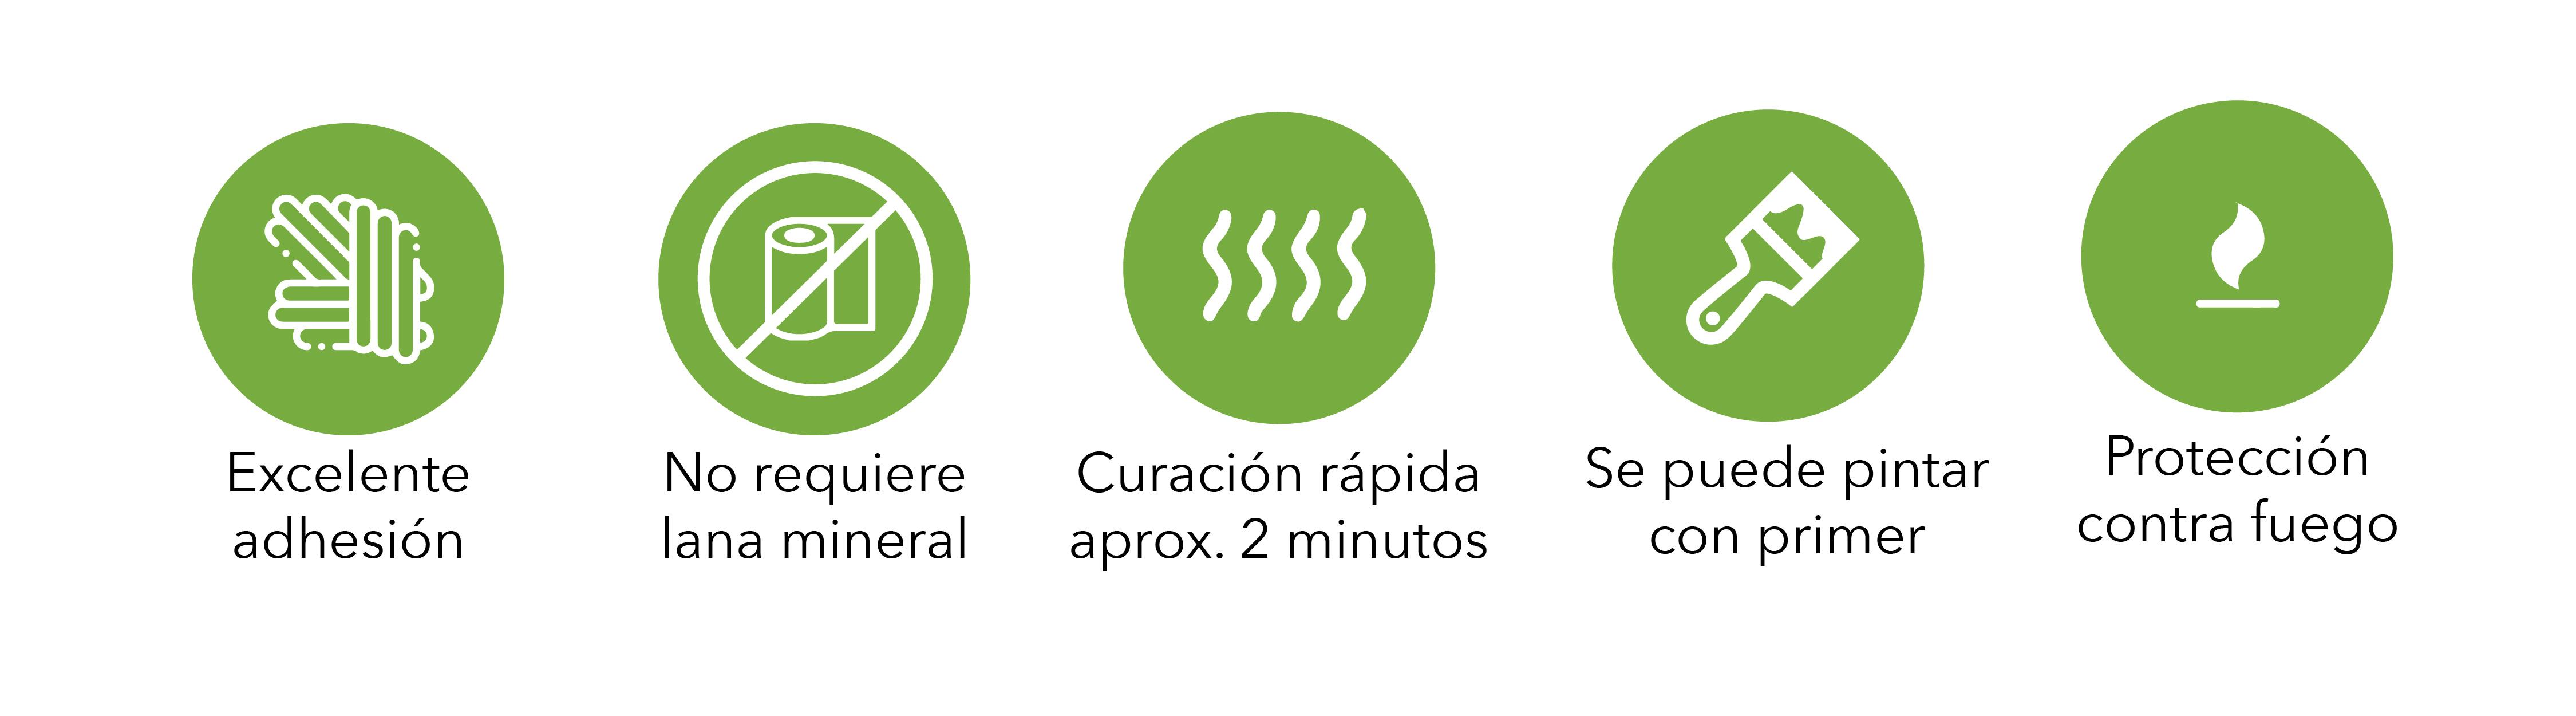 iconos ventajas espuma cortafuego